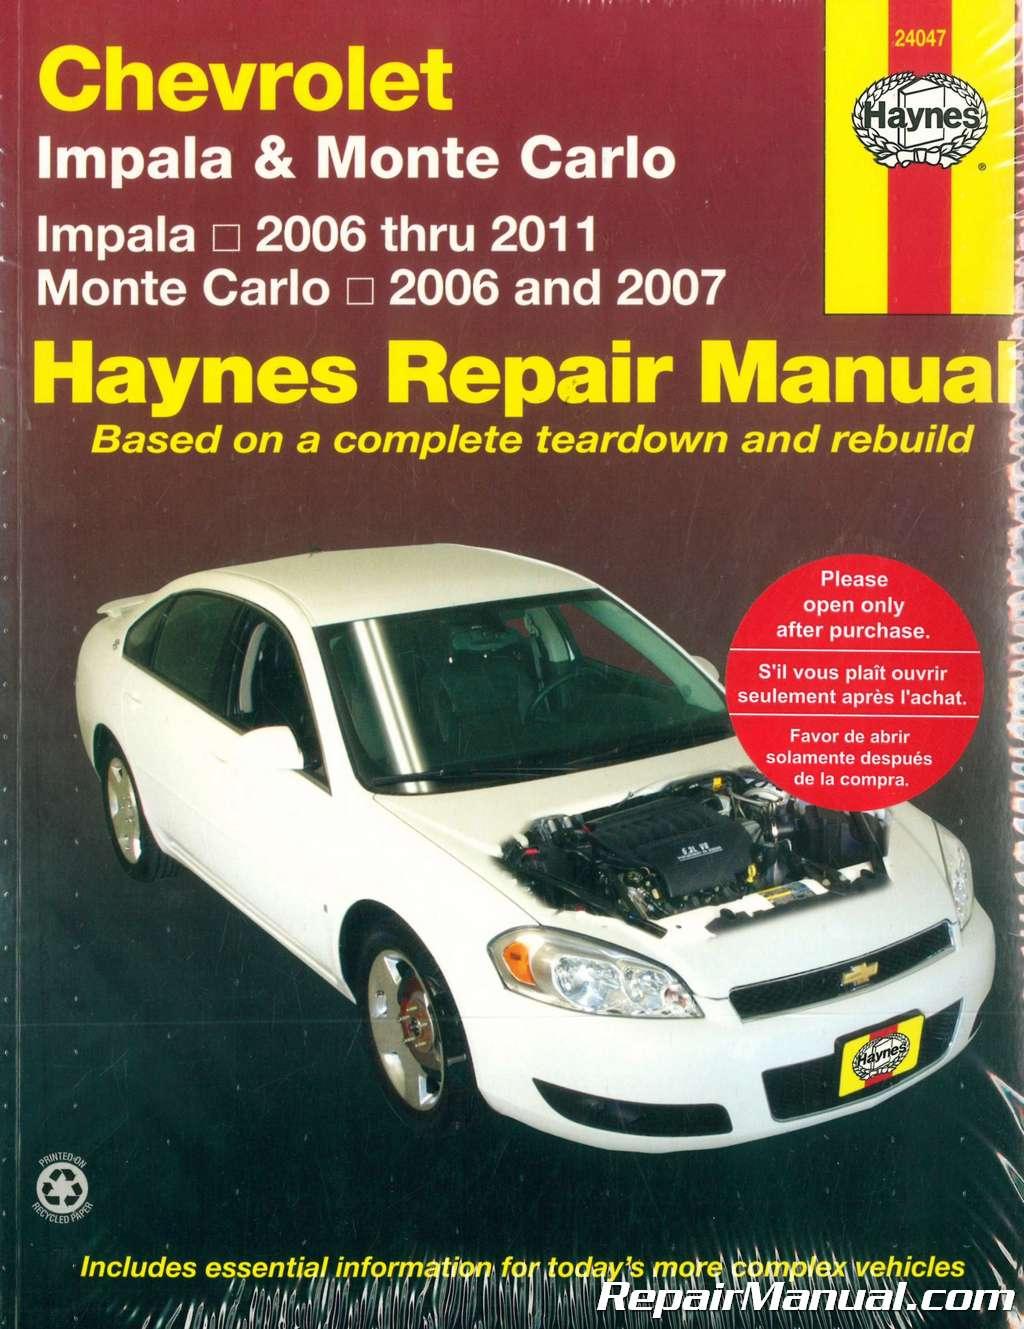 Haynes Chevrolet Impala Monte Carlo 2006-2011 Auto Repair Manual